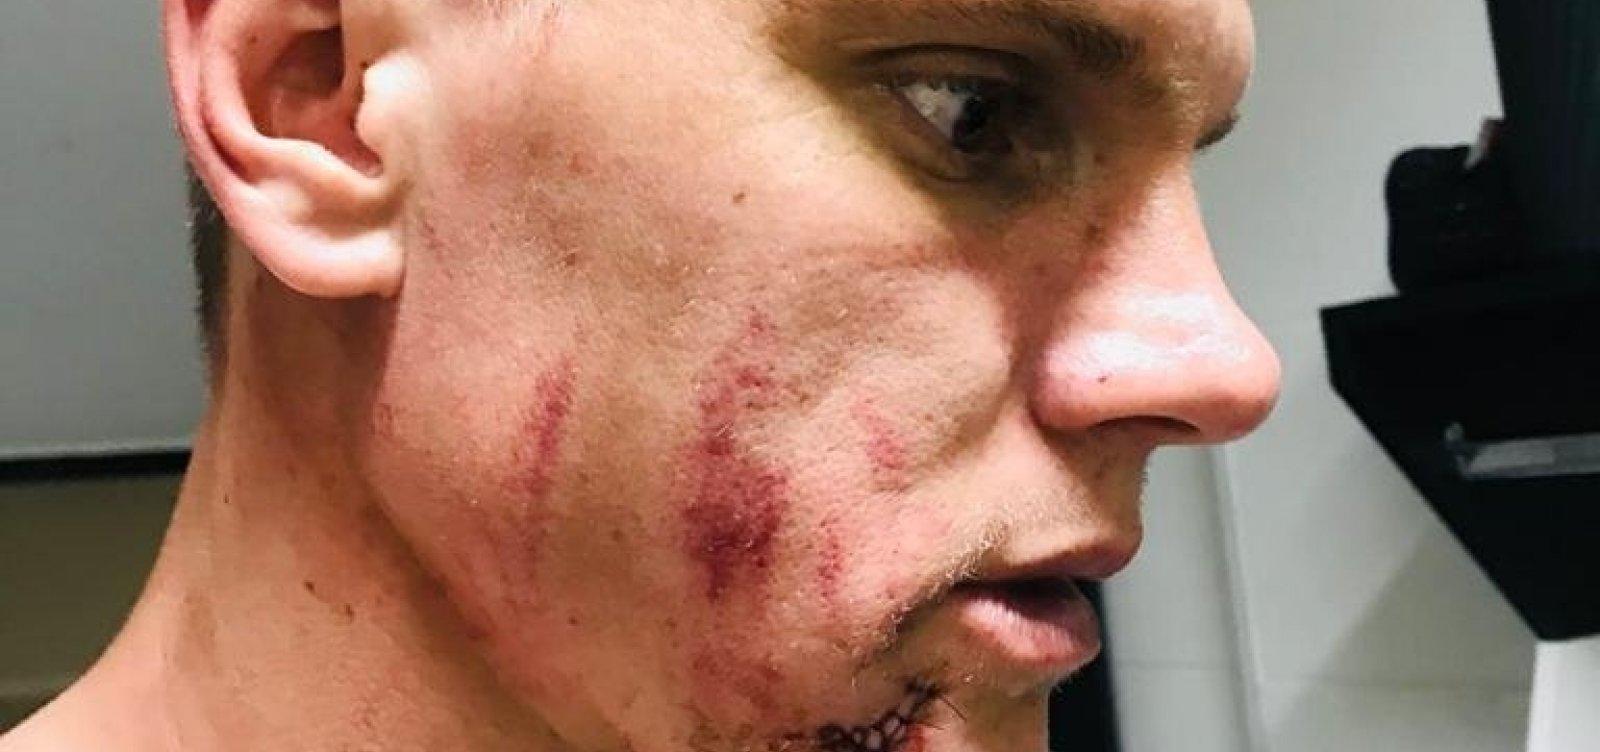 [Goleiro do Bahia leva cinco pontos no rosto após choque com zagueiro do Vasco]